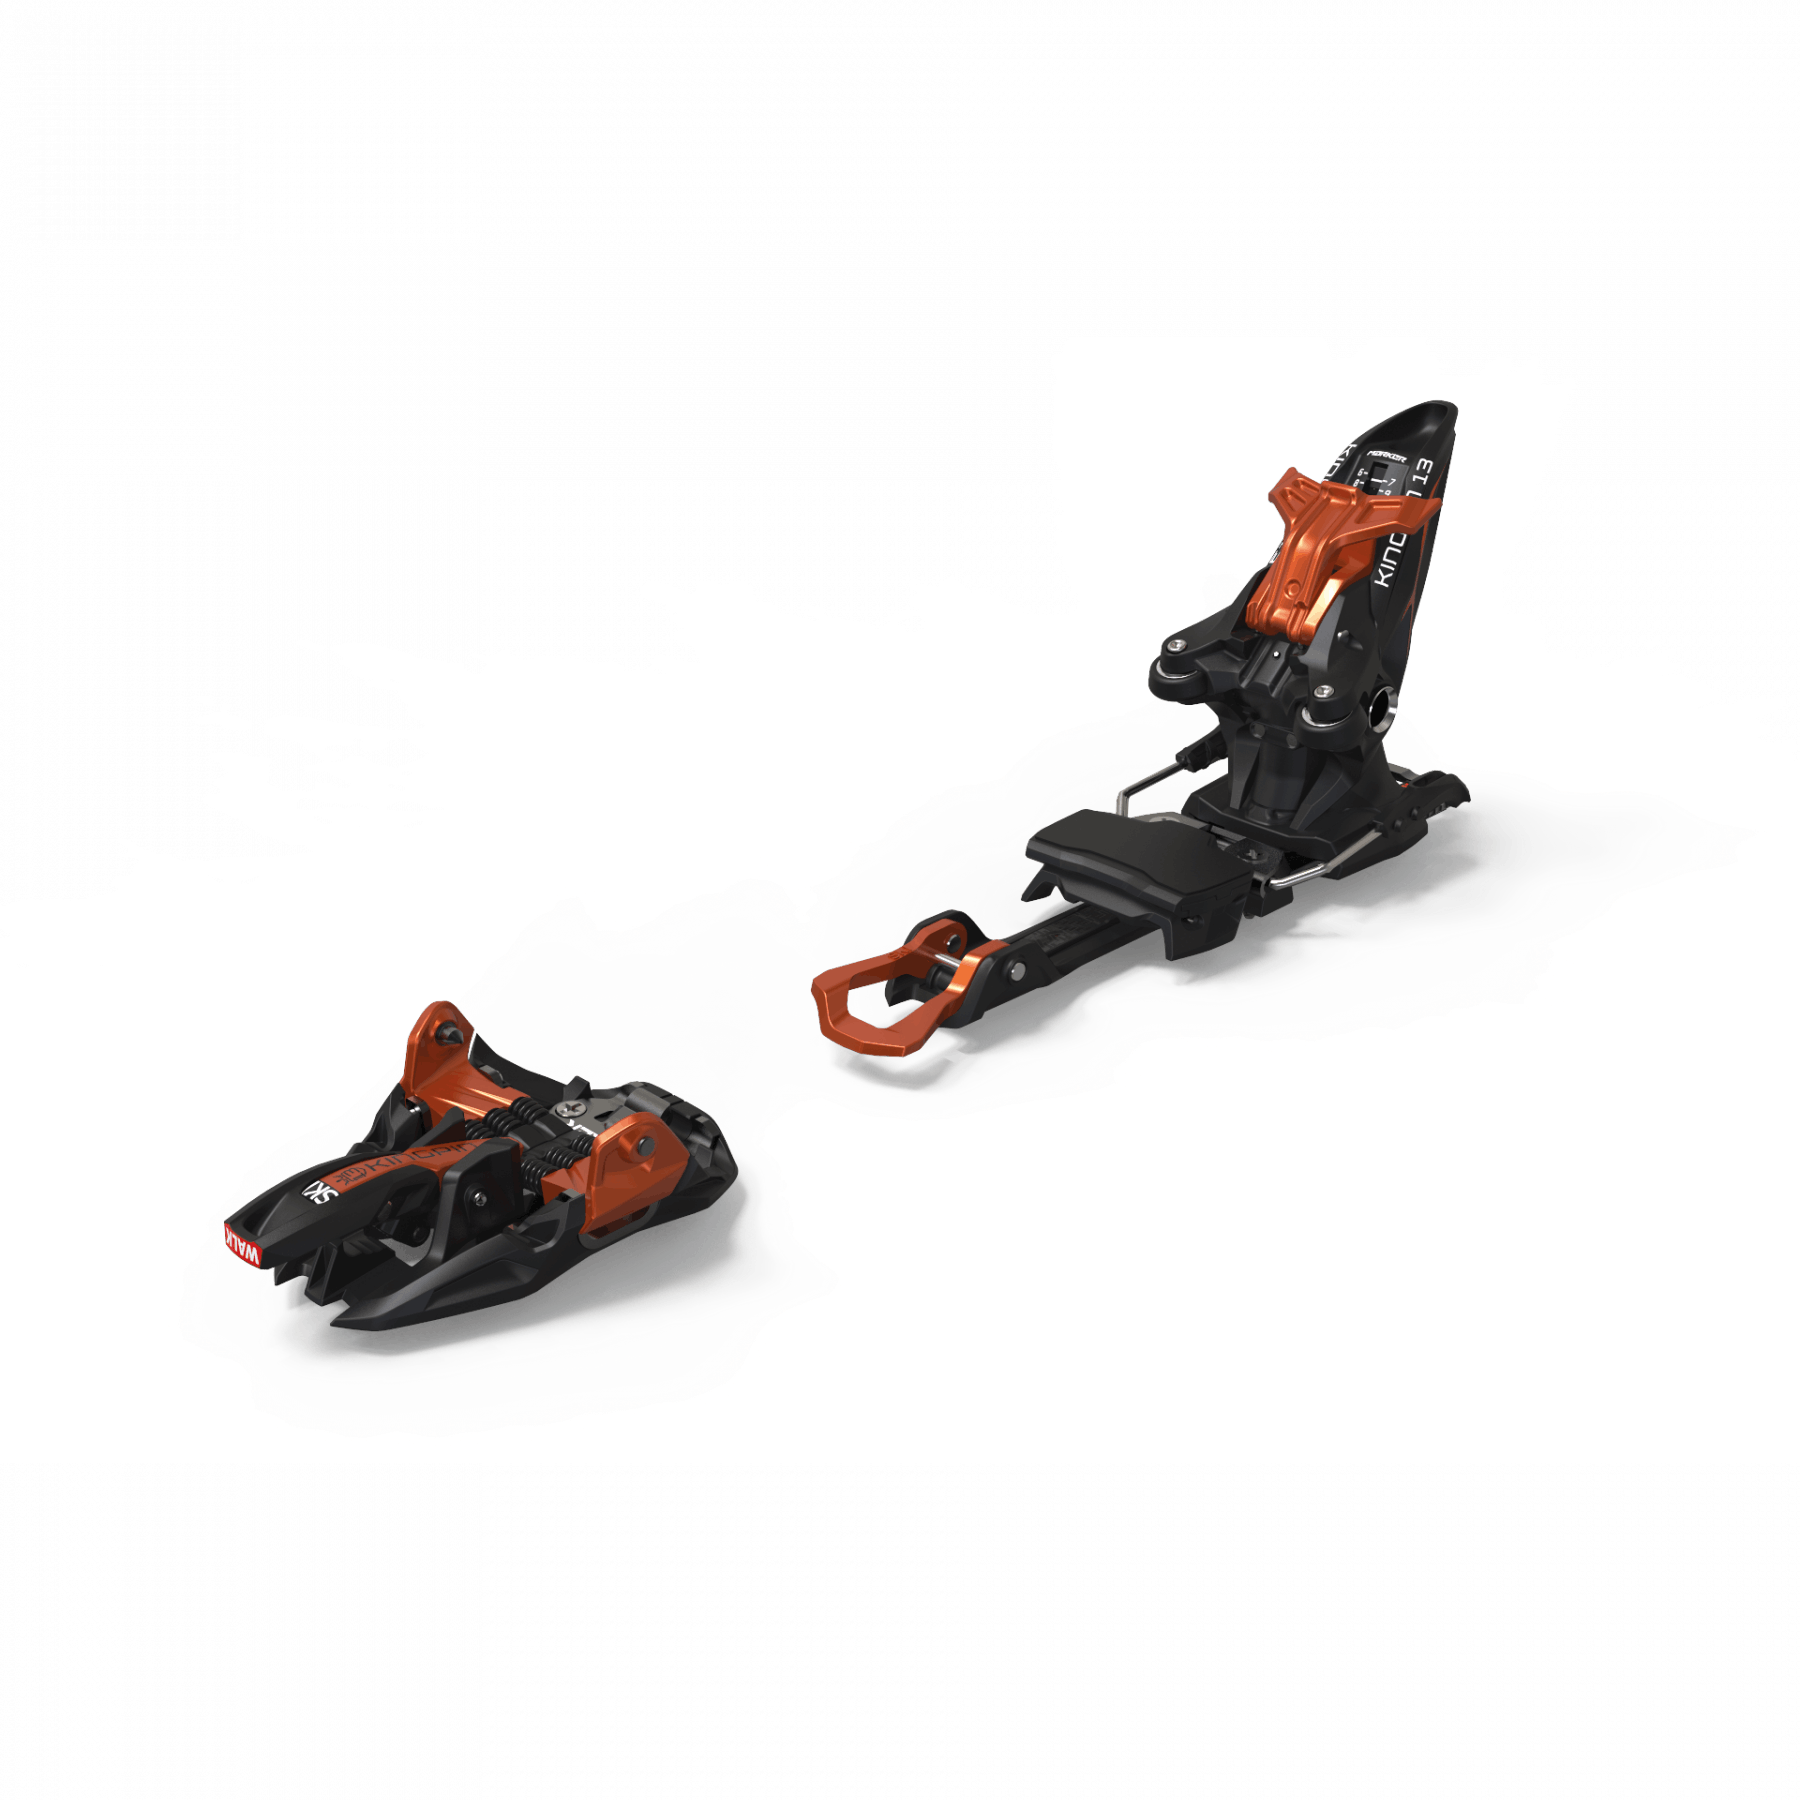 Marker Kingpin 13 125 Black-copper Ski Bindings